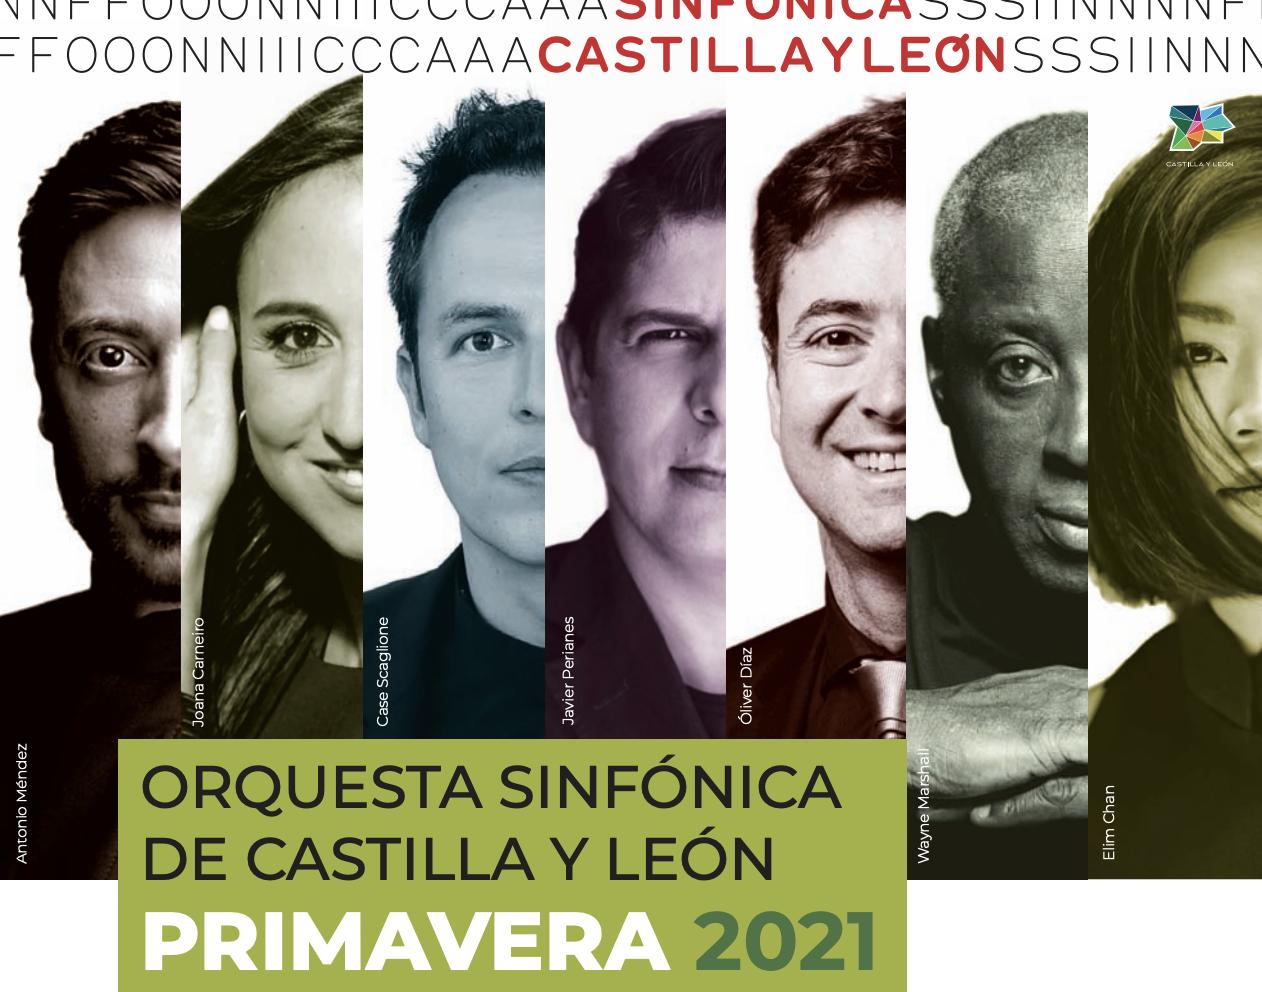 La Orquesta Sinfónica de Castilla y León presenta la programación del bloque de primavera